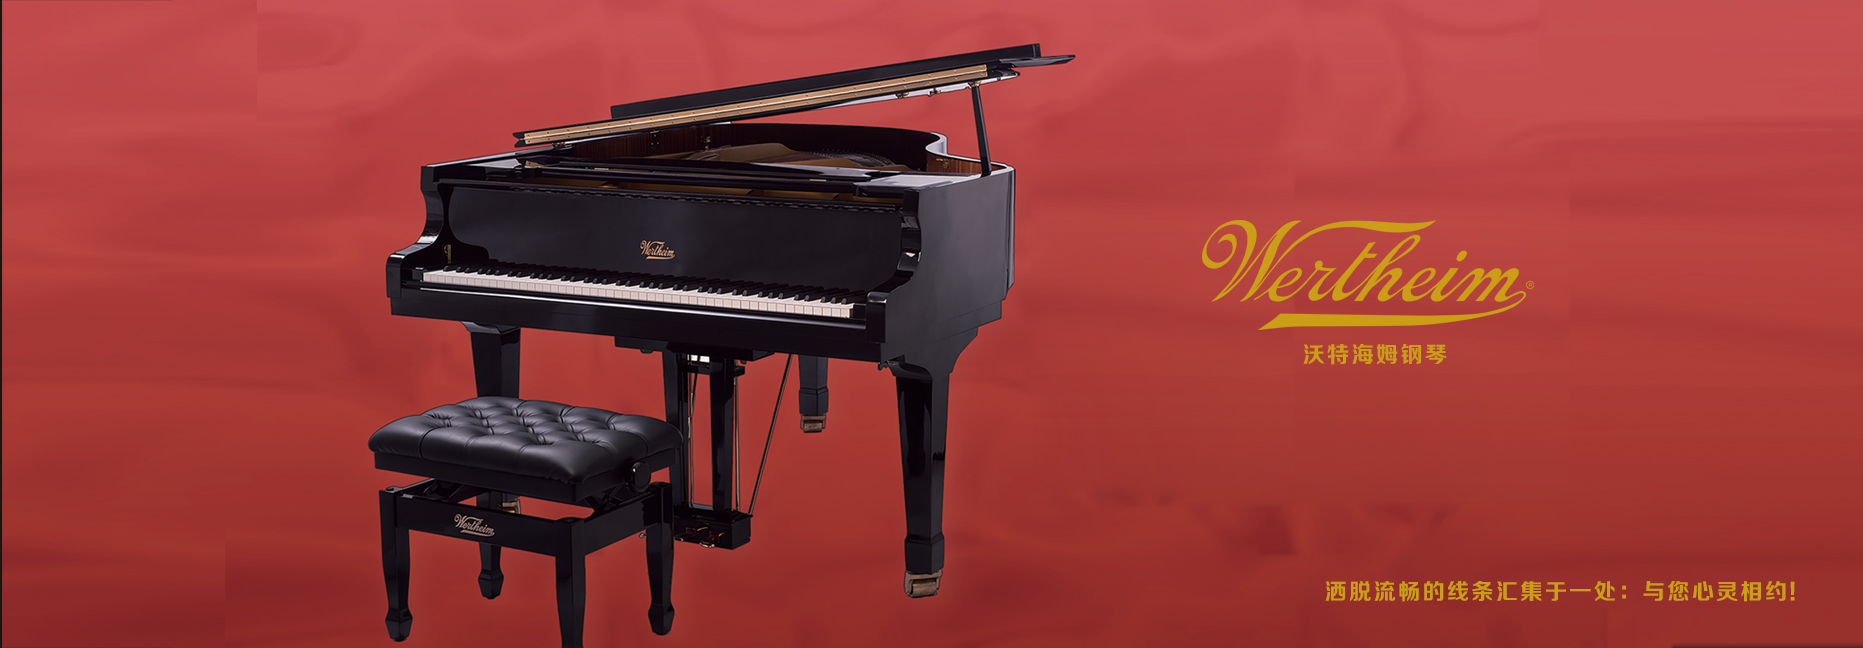 学习钢琴大有讲究!弄懂这几点,轻松找到适合孩子的钢琴培训机构!